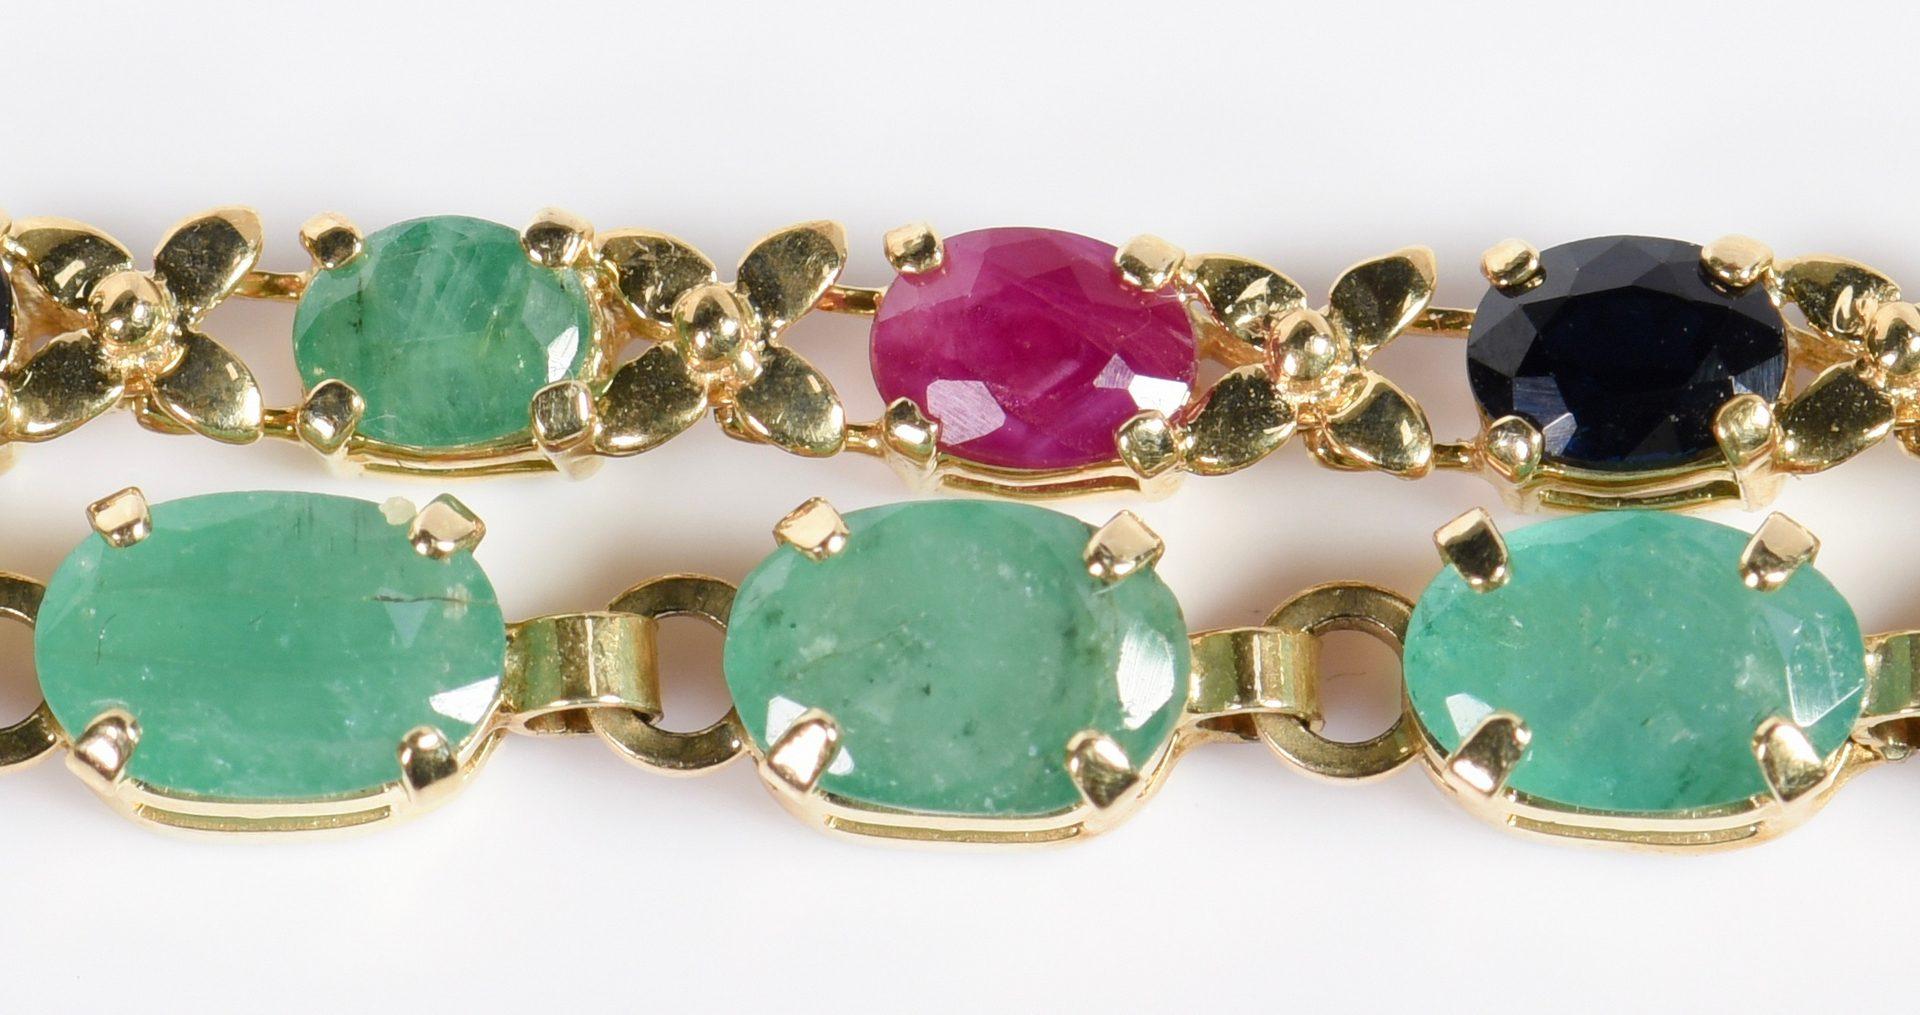 Lot 950: 7 Precious Stone Jewelry items